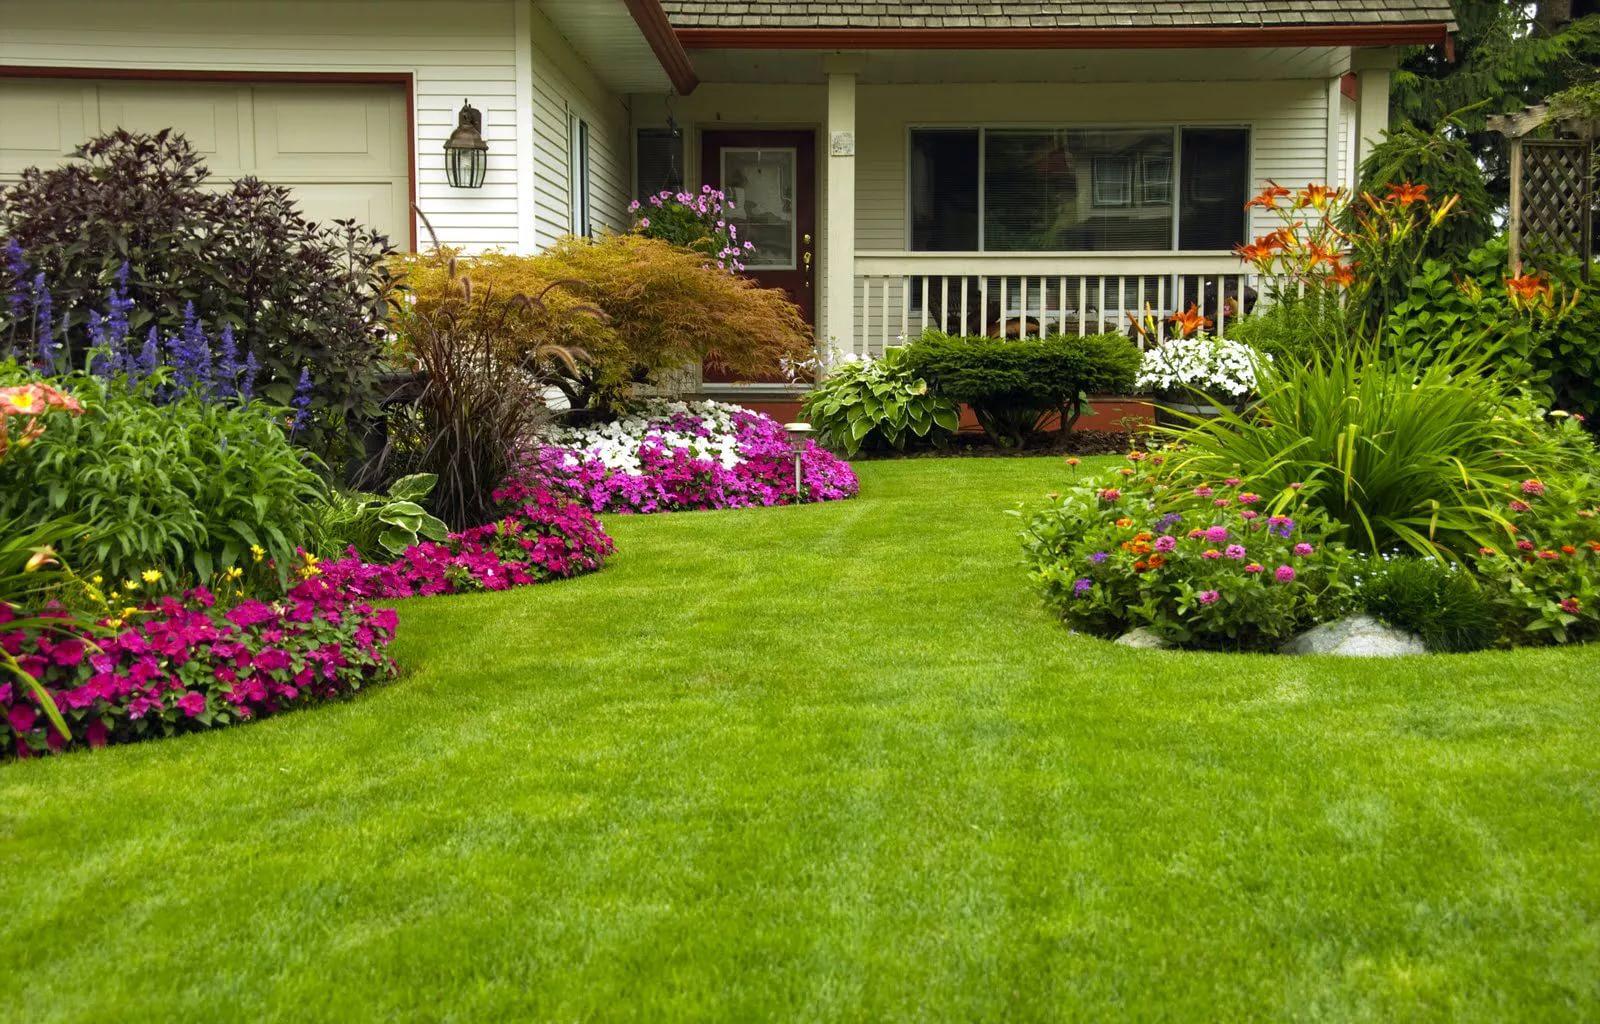 Déco le jardin avec beaucoup de fleurs et de plantes